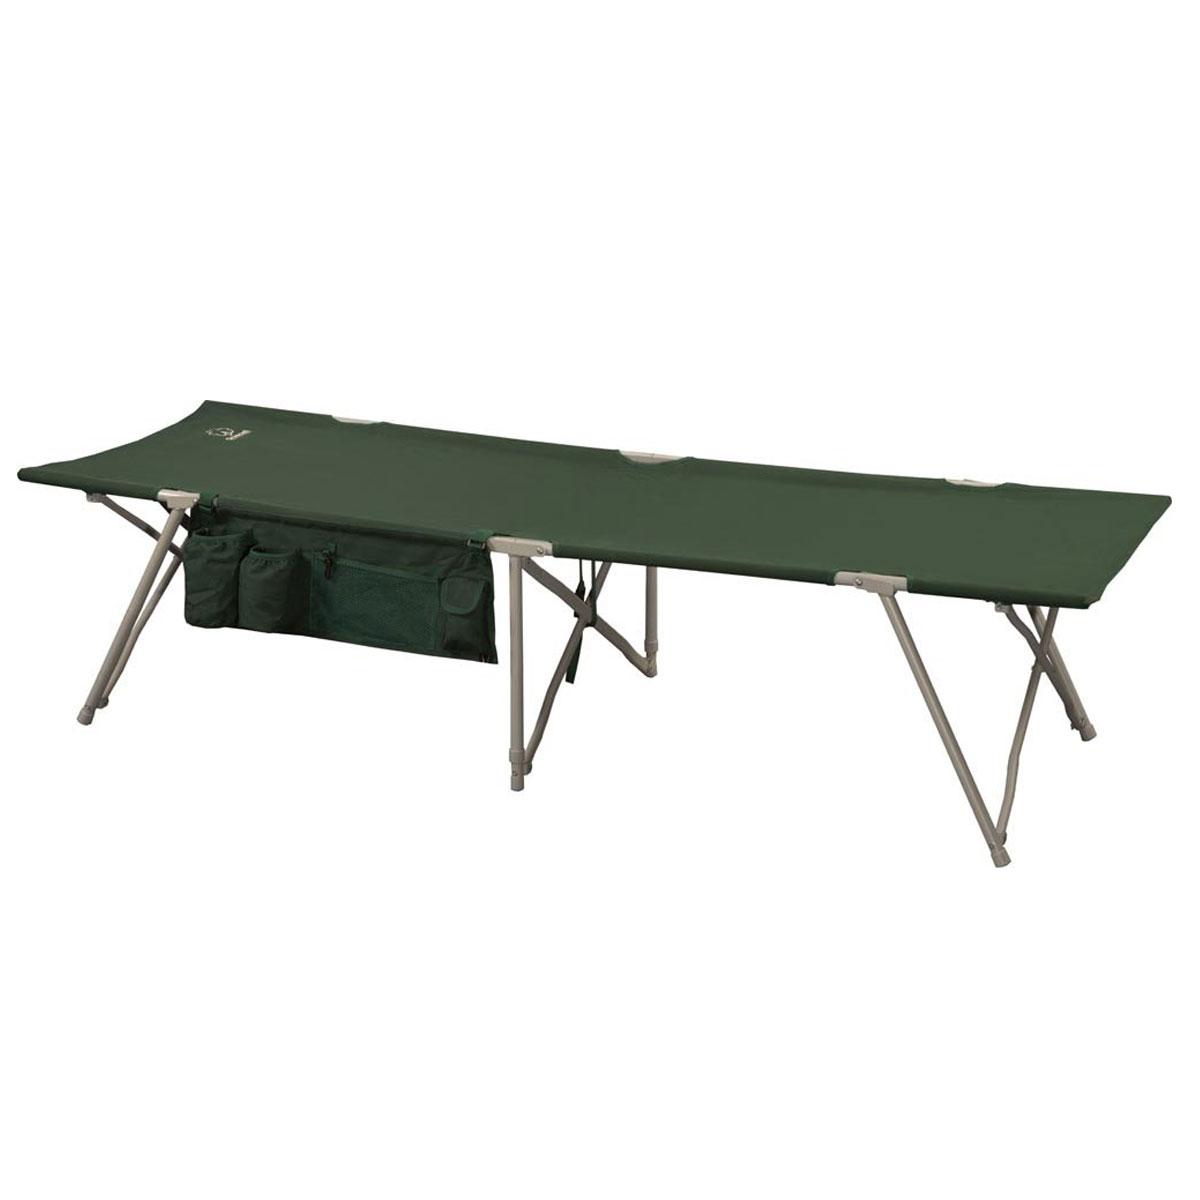 Кровать складная Greenell BD-3, цвет: зеленый, 190 см х 64 см х 43 смF183Удобная и компактная кровать для кемпинга Greenell BD-3 отличается совершенным механизмом, простотой сборки-разборки и малыми габаритами в сложенном виде. Кровать выполнена из прочного полиэстера. Каркас - сталь диаметром 16 мм.В комплект входит чехол для хранения и переноски.